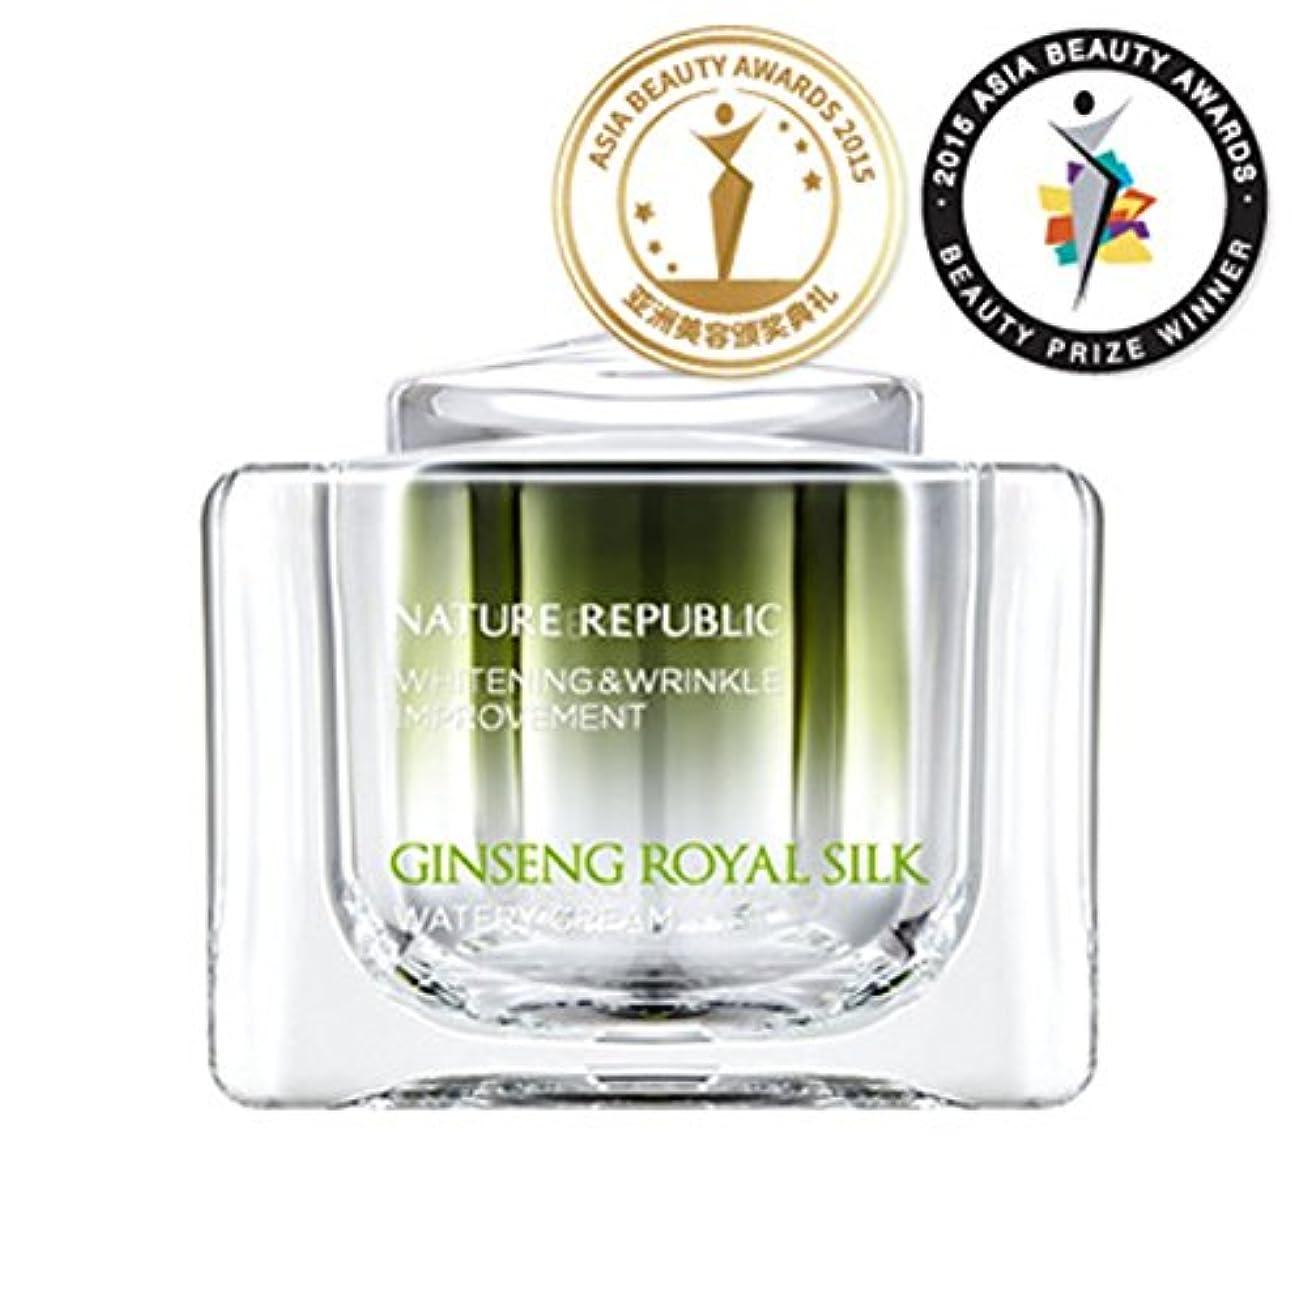 不純北へそっとネイチャーリパブリック [韓国コスメ NATURE REPUBLIC] ジンセン ロイヤル シルク ウォータリー クリーム [海外直送品]Nature Republic, Ginseng Royal silk Watery...